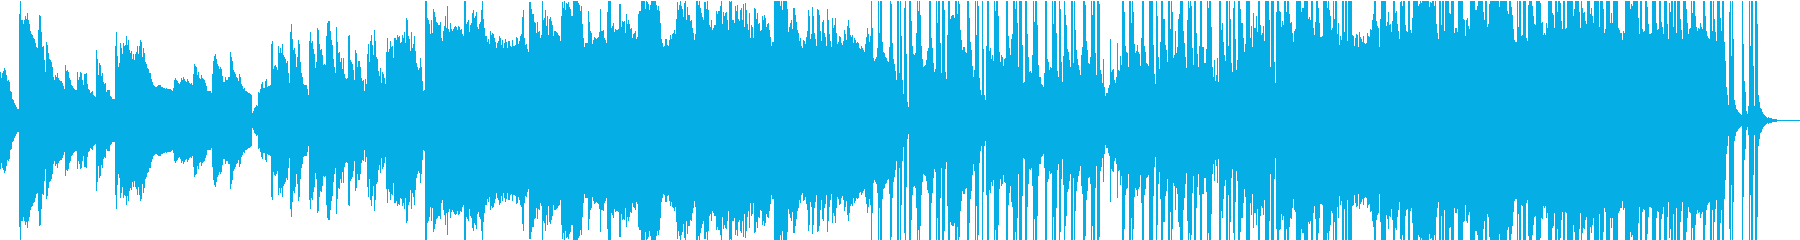 ブライアン・イーノ風 映画やCM等にの再生済みの波形